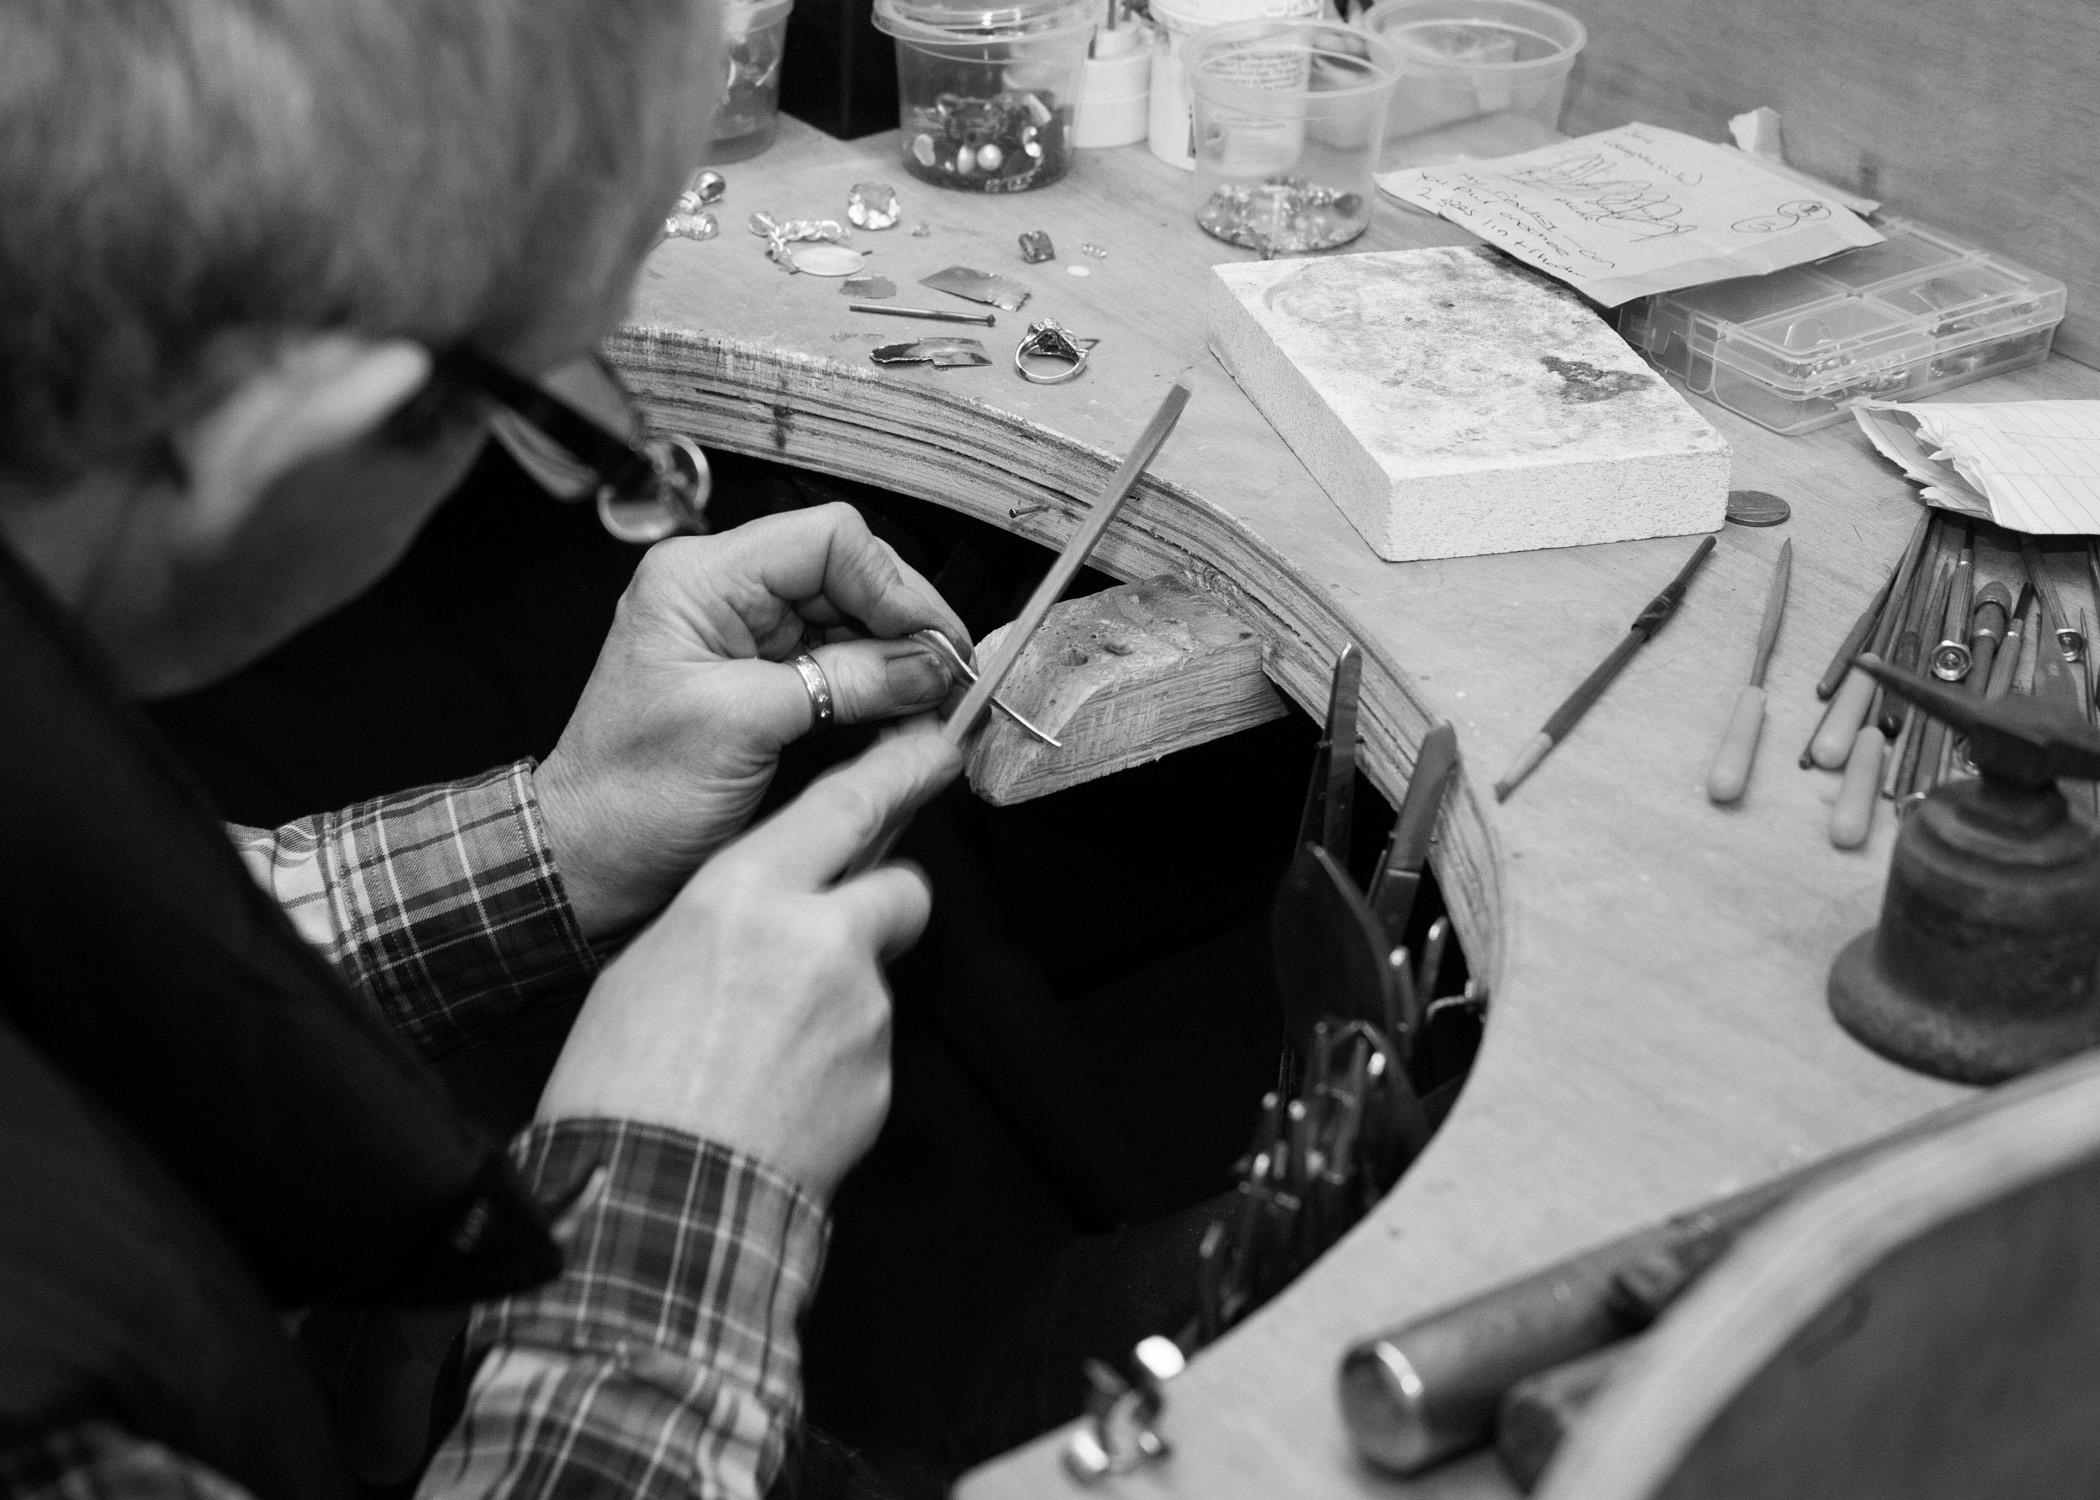 Handmade Bespoke Jewellery by LuLu & Charles, behind the scenes.